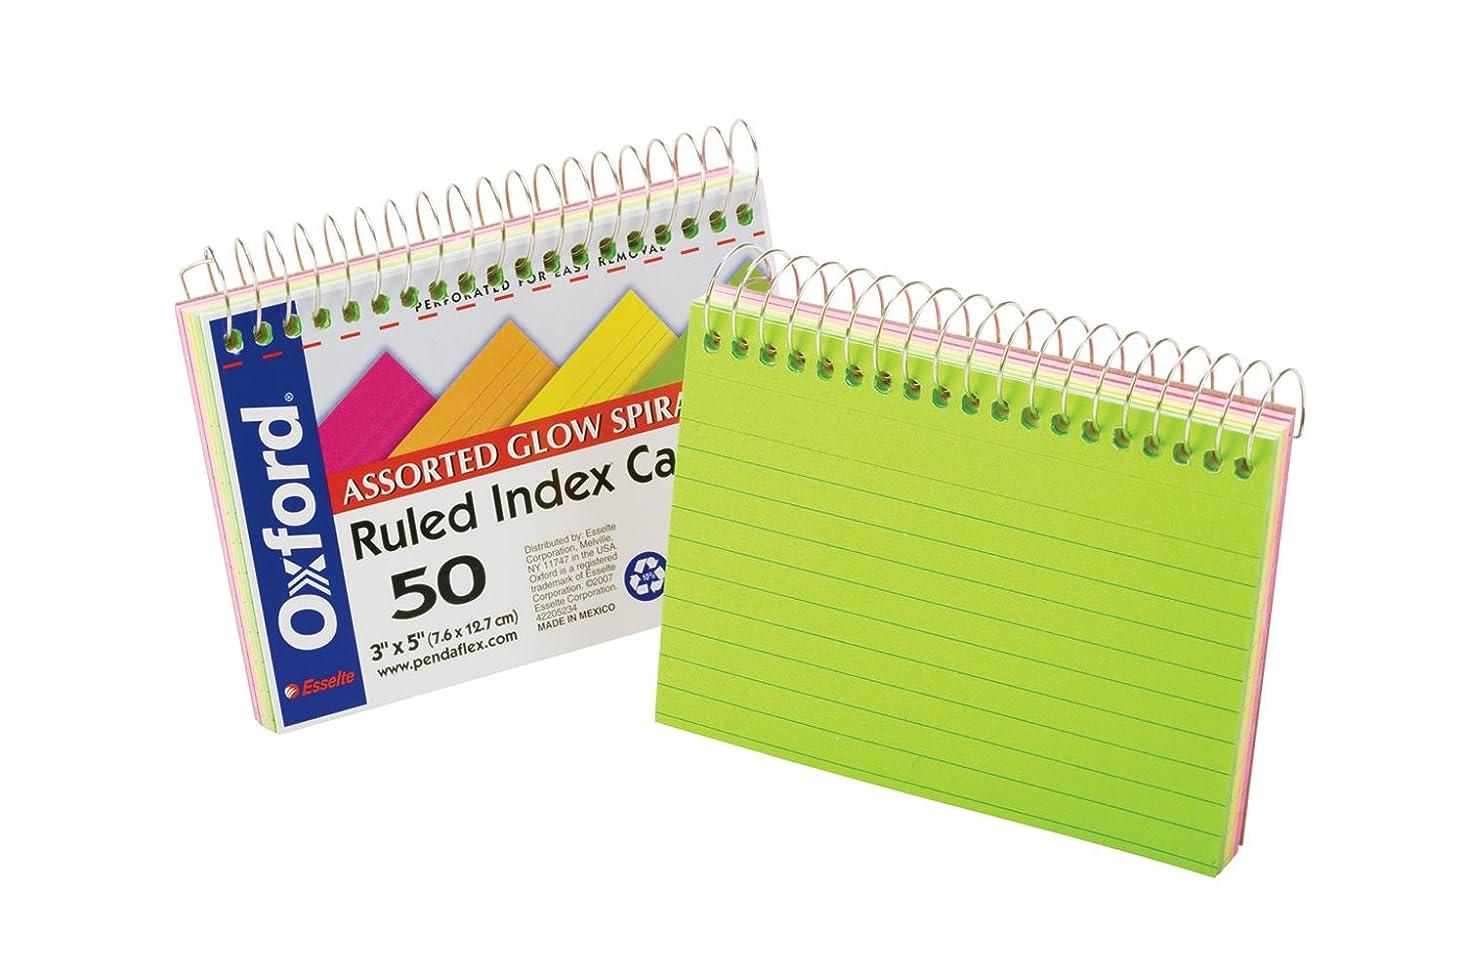 Oxford Spiral Bound Glow Index Cards, 3